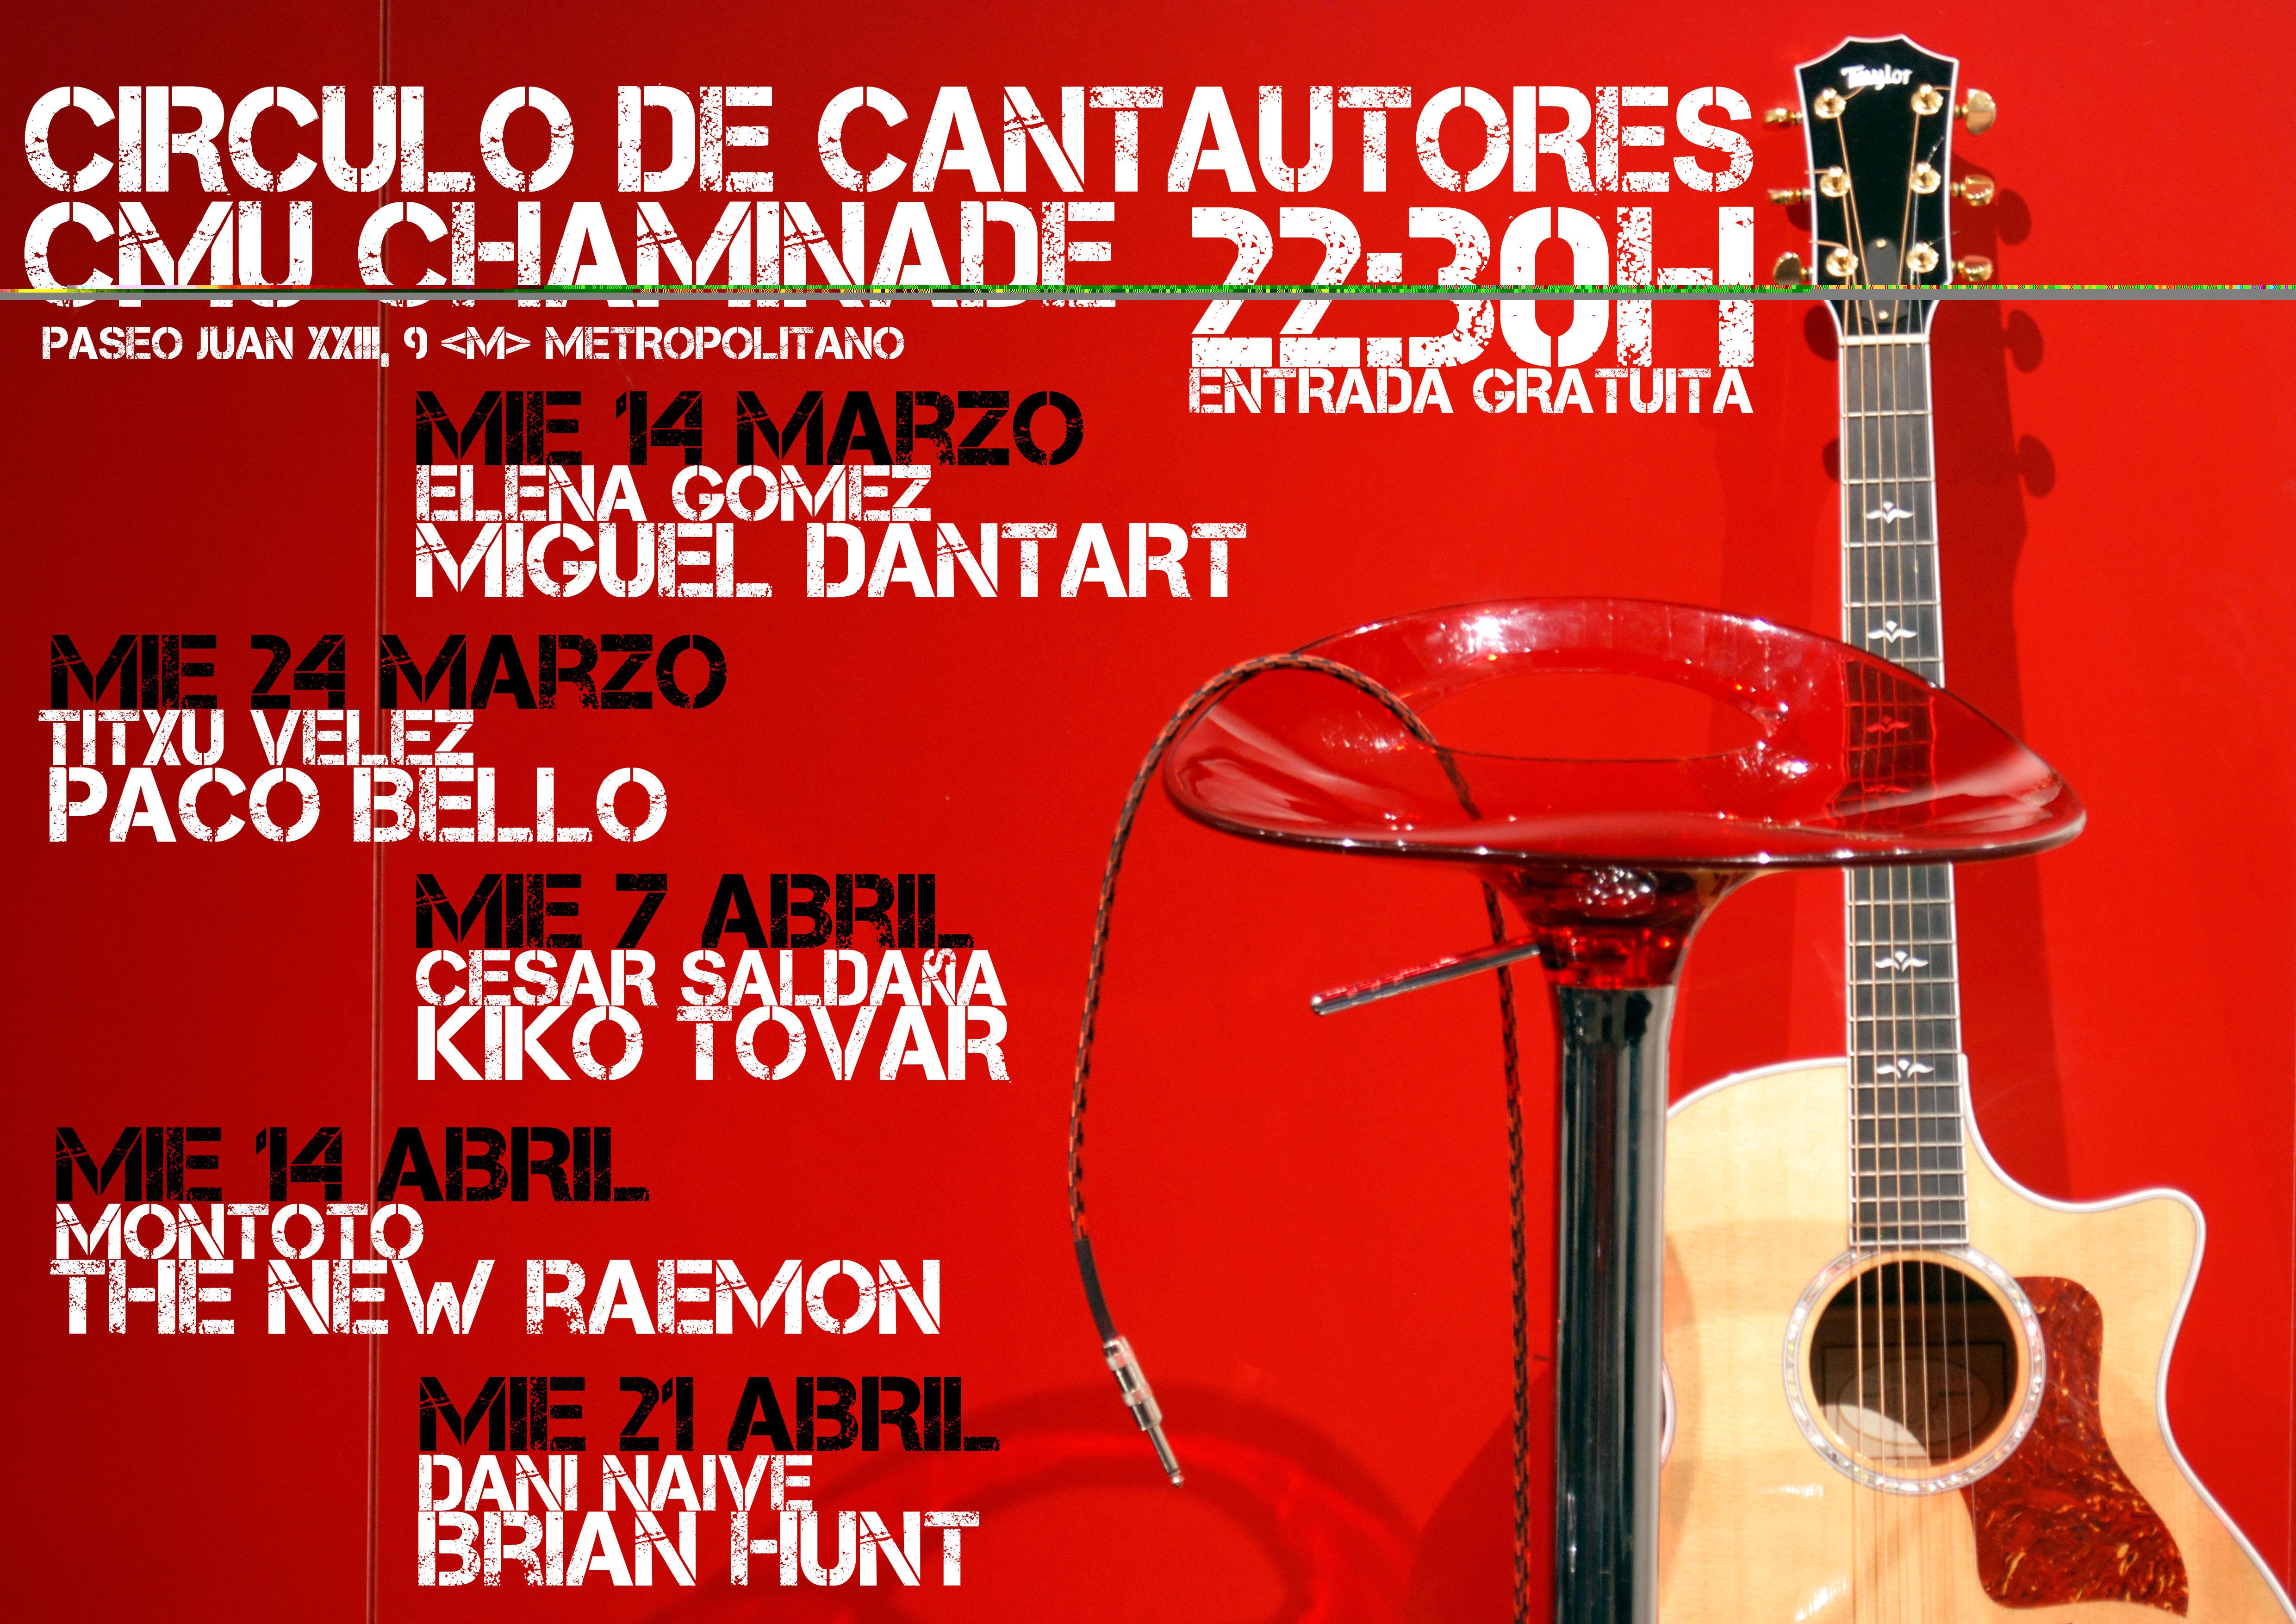 CIRCULO DE CANTAUTORES - CMU CHAMADE CIRCULO DE CANTAUTORES – CMU CHAMADE CartelCantautores01